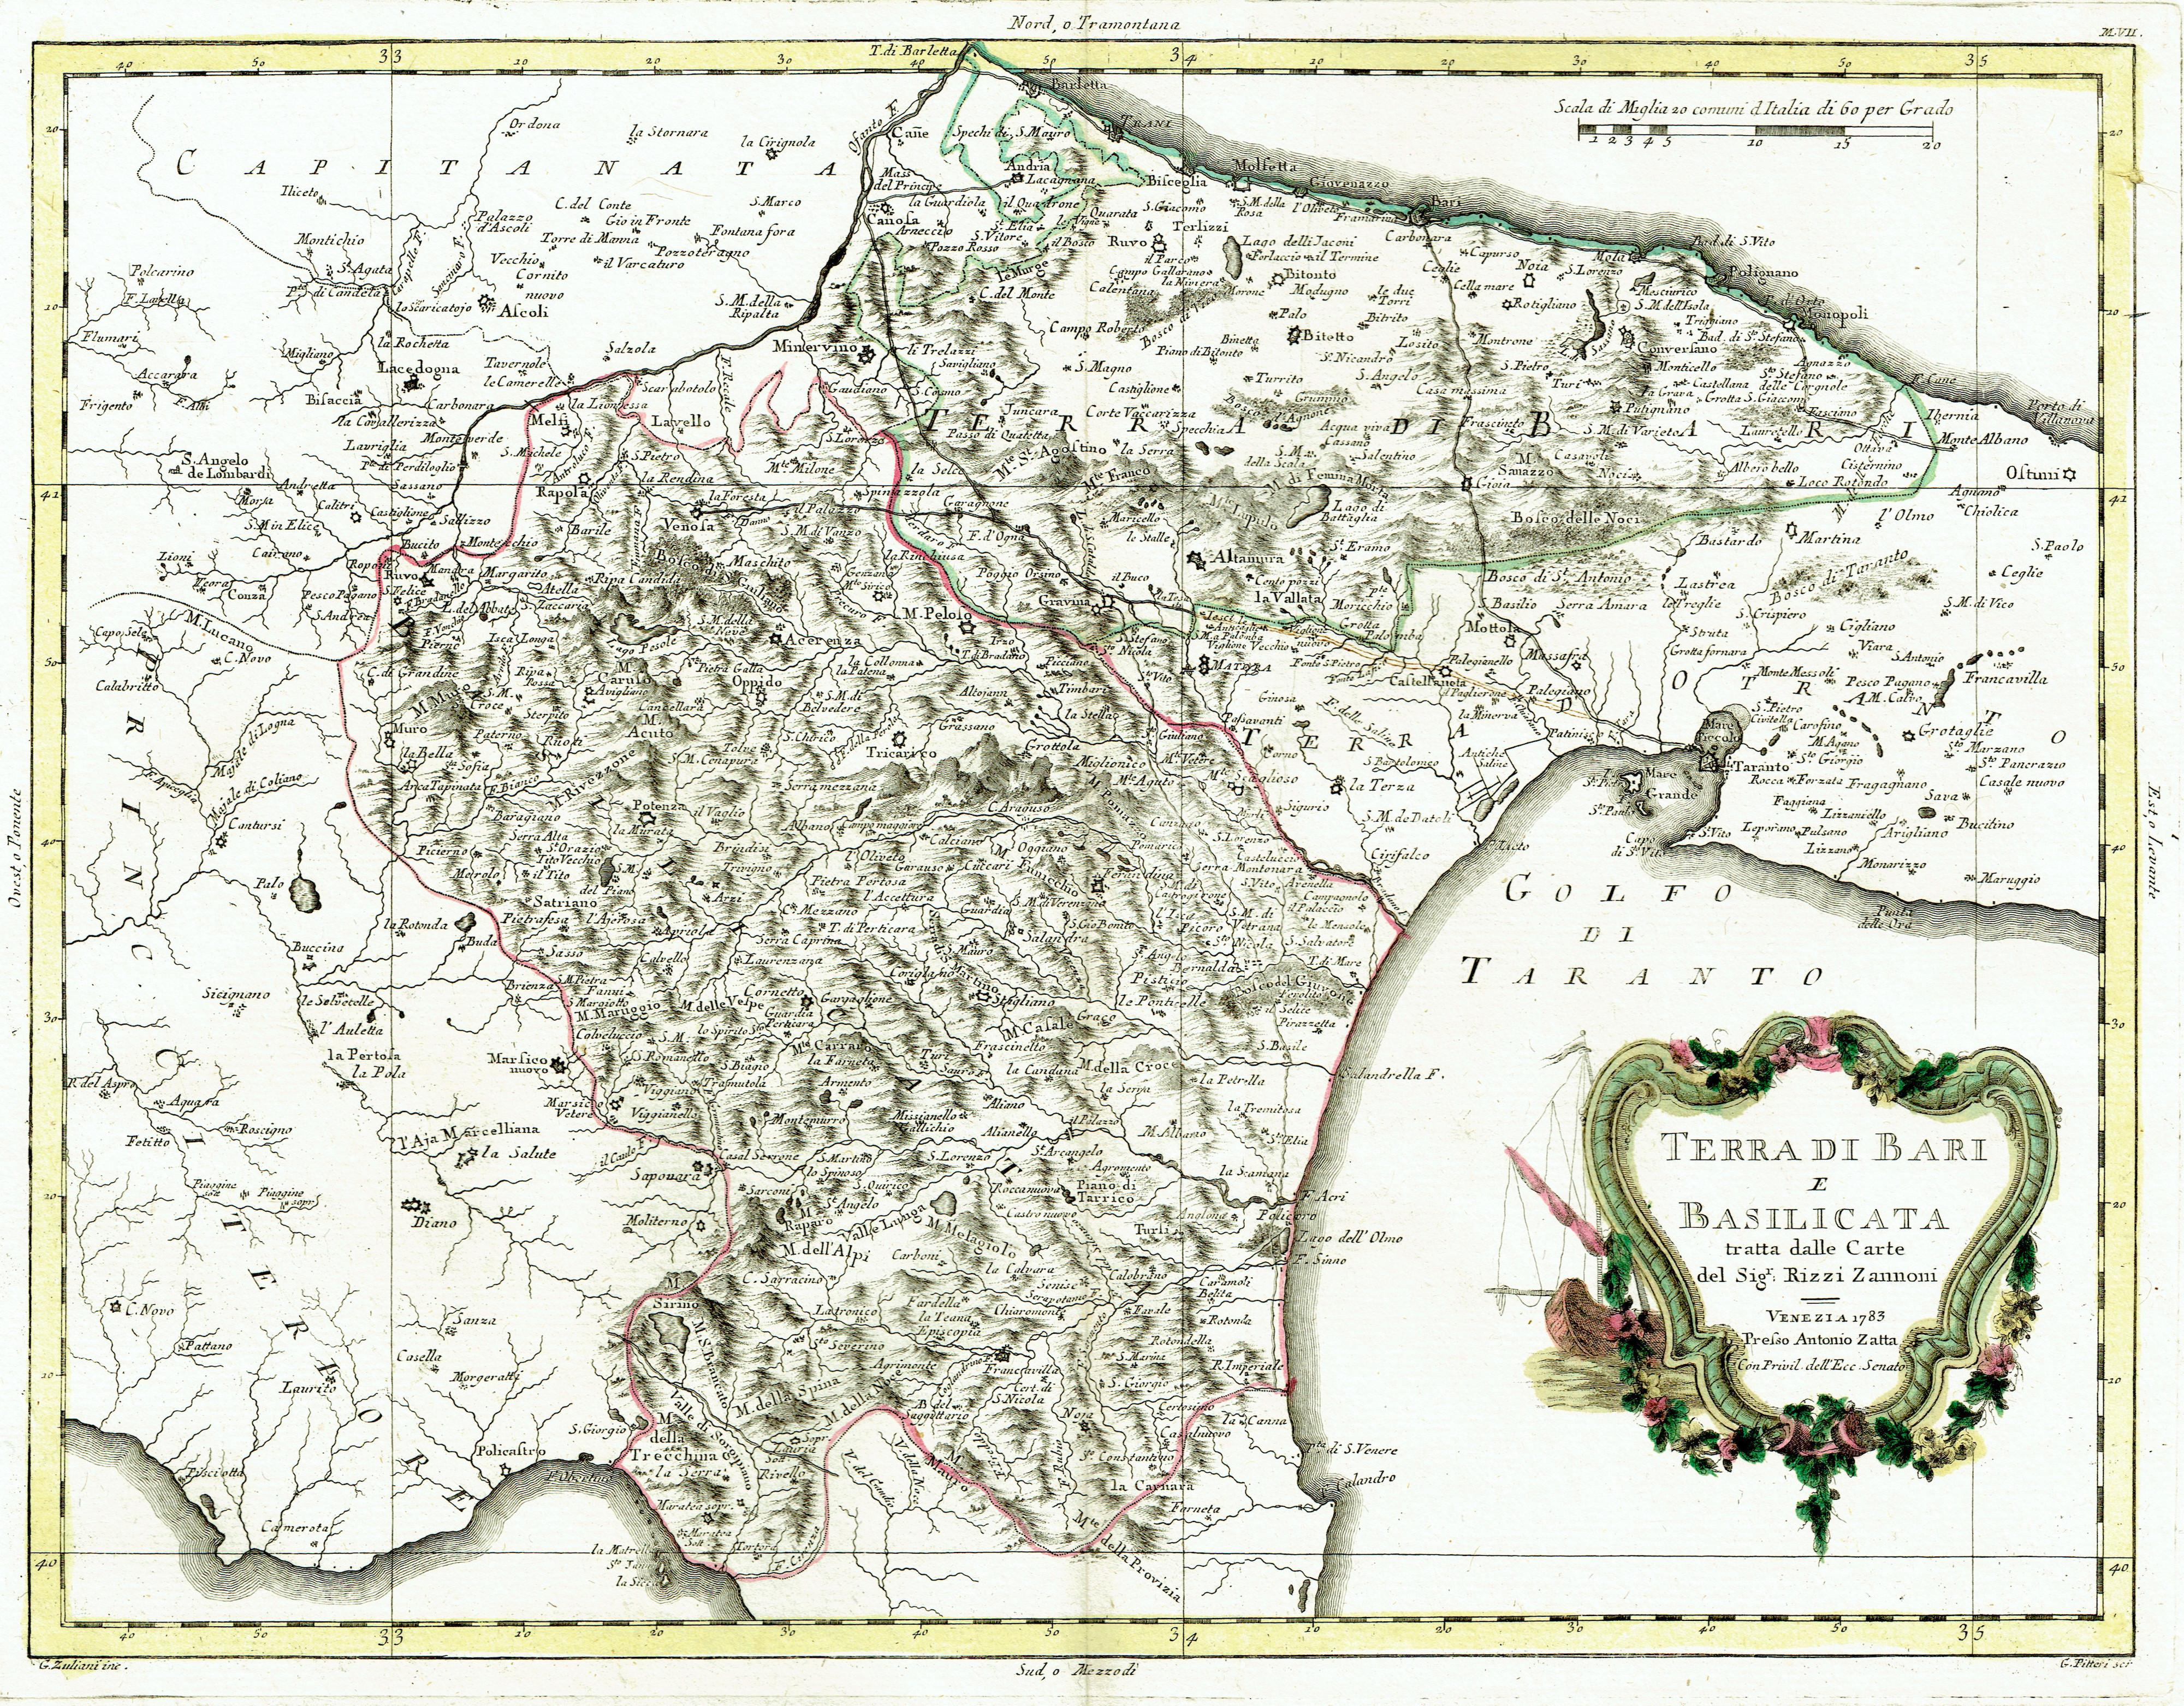 Mappa Nautica Puglia.Antica Mappa Della Puglia E Basilicata Idea Rare Maps